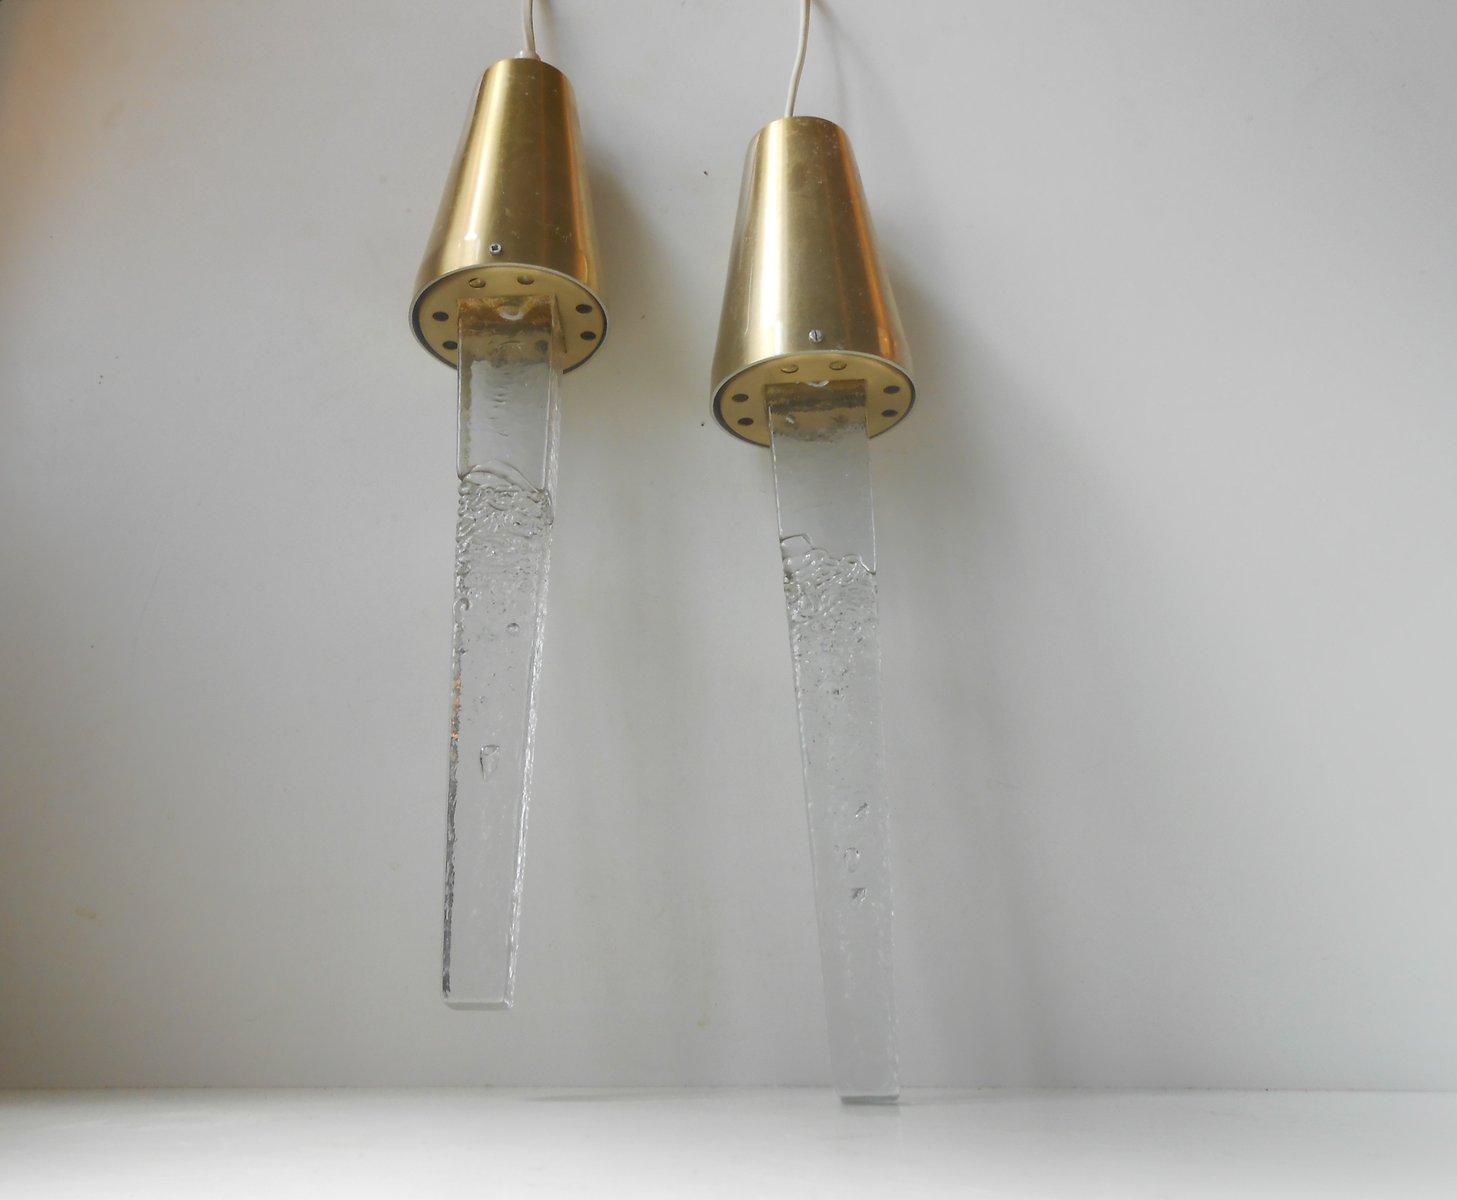 Schwedische Glas & Messing Eiszapfen Hängelampen von Atelje Engberg, 2...